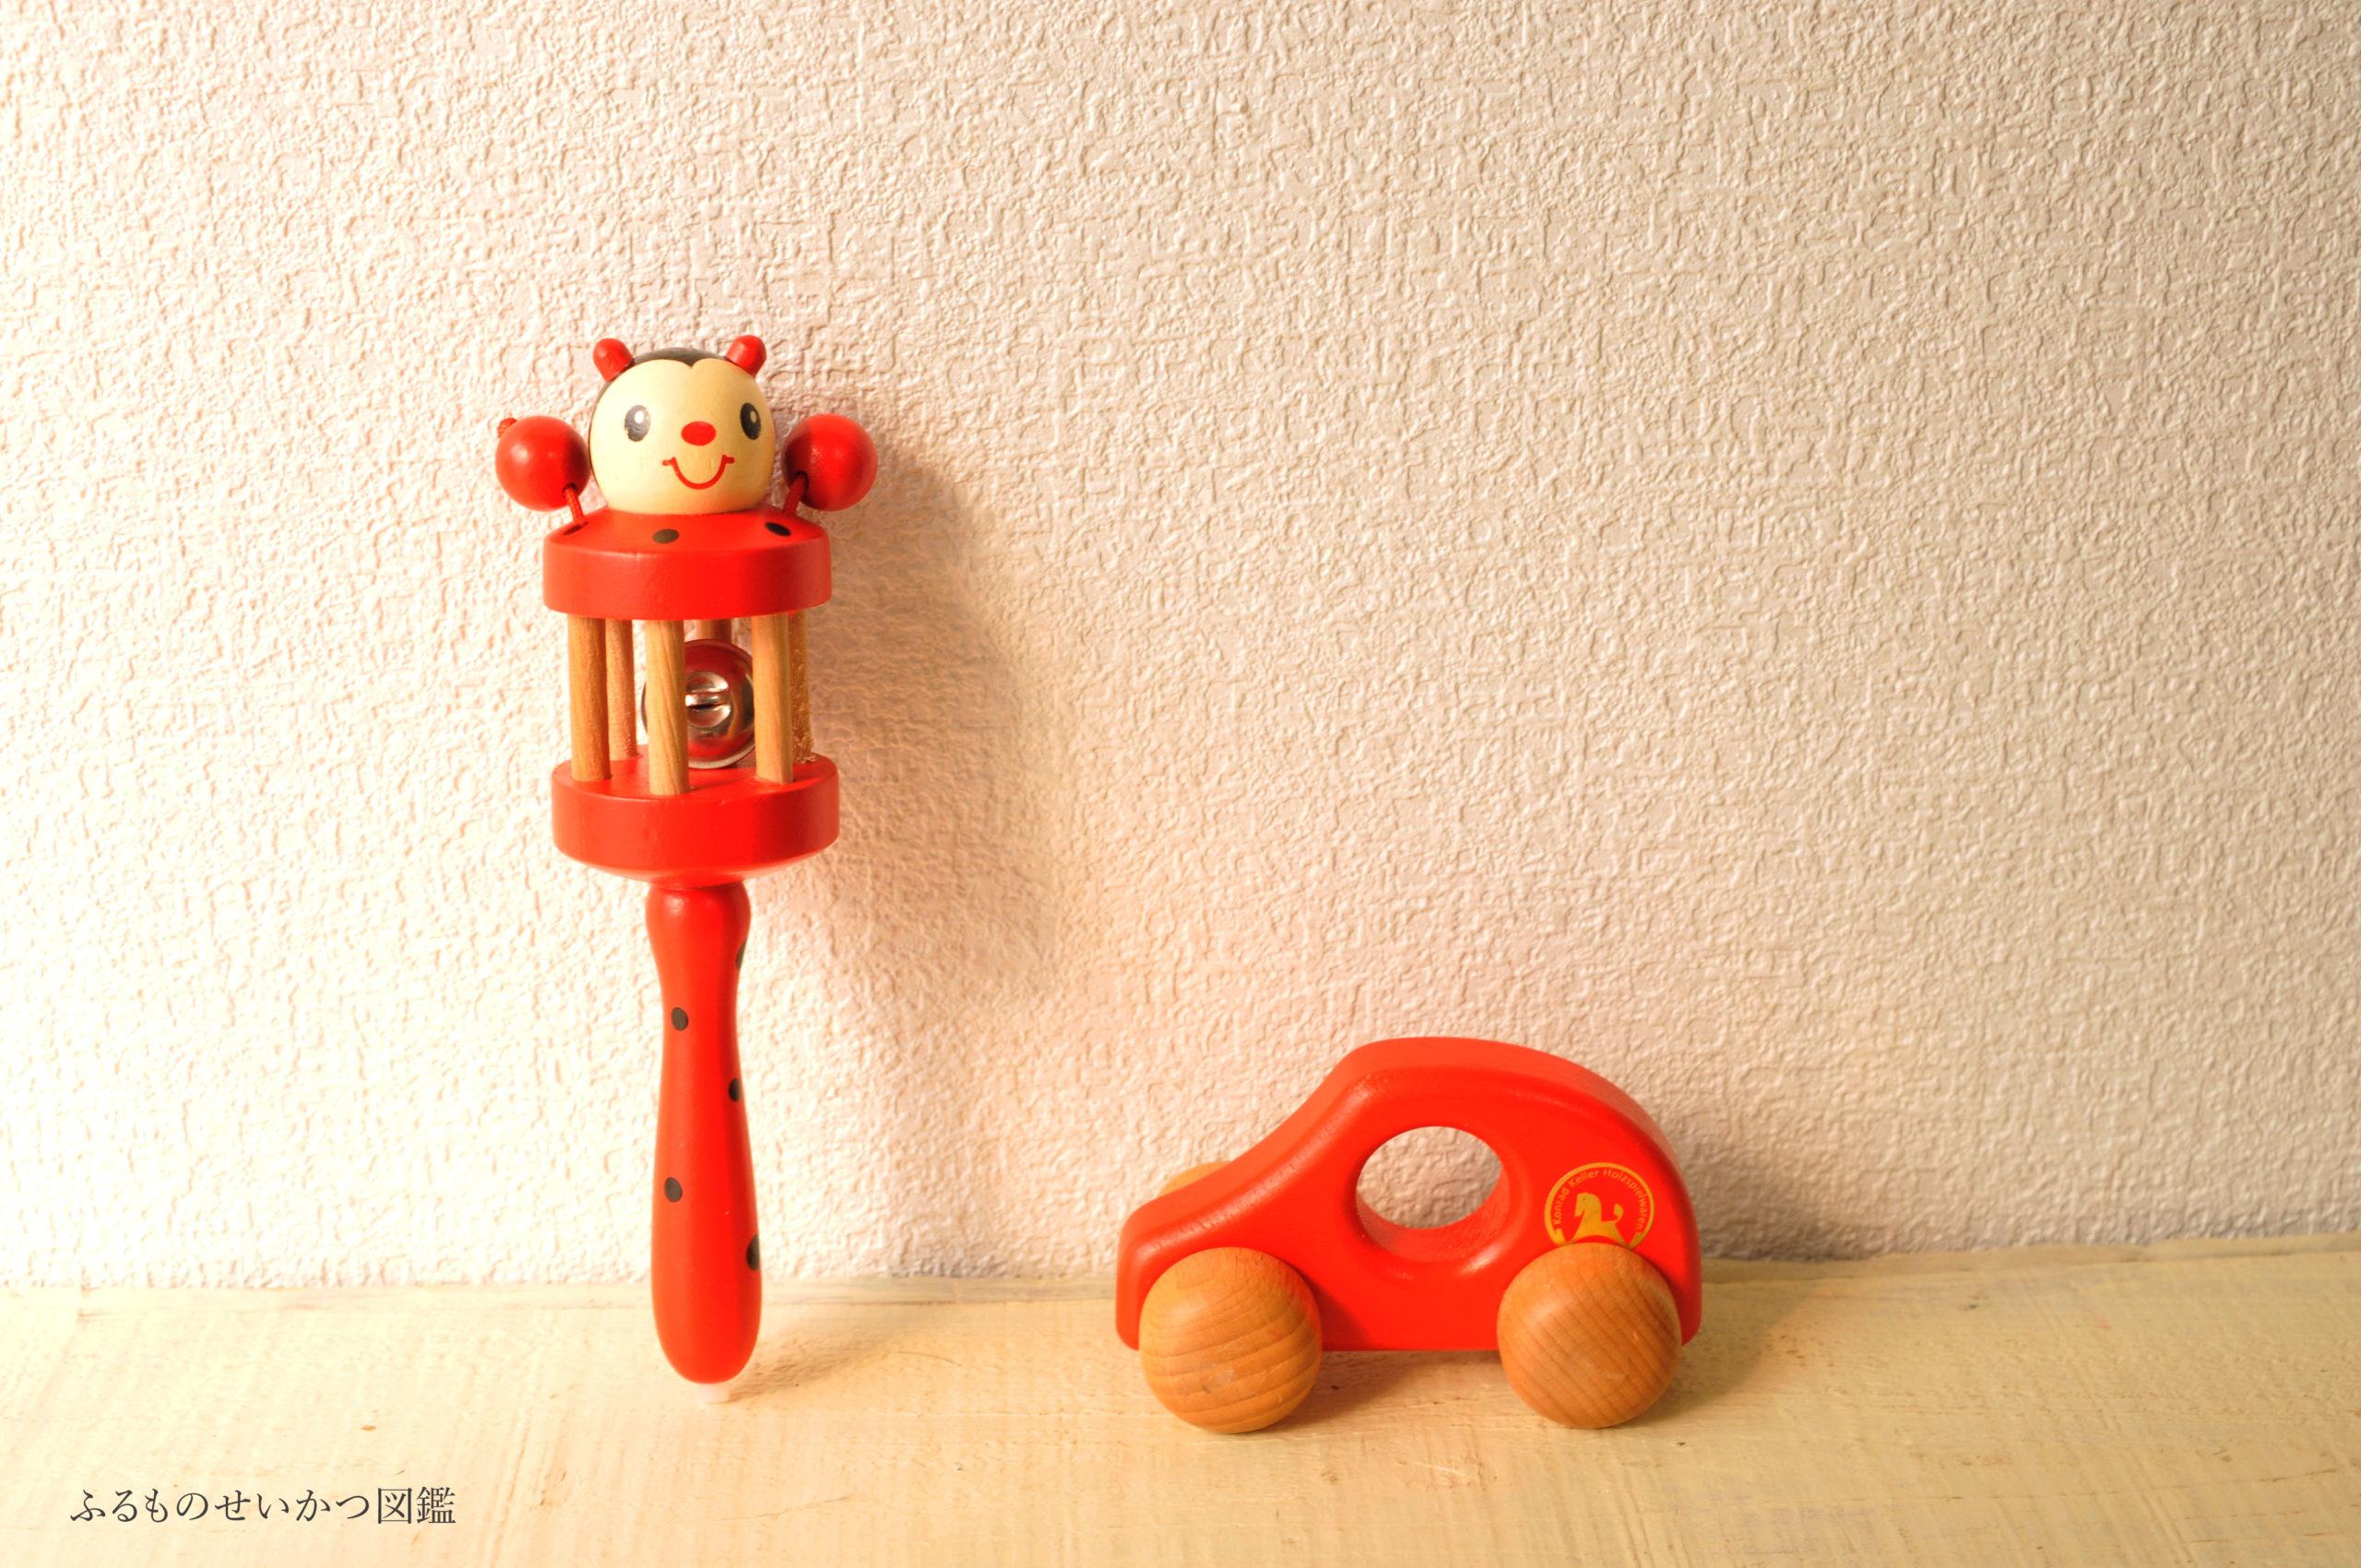 100円で買える可愛い赤ちゃん用オモチャ